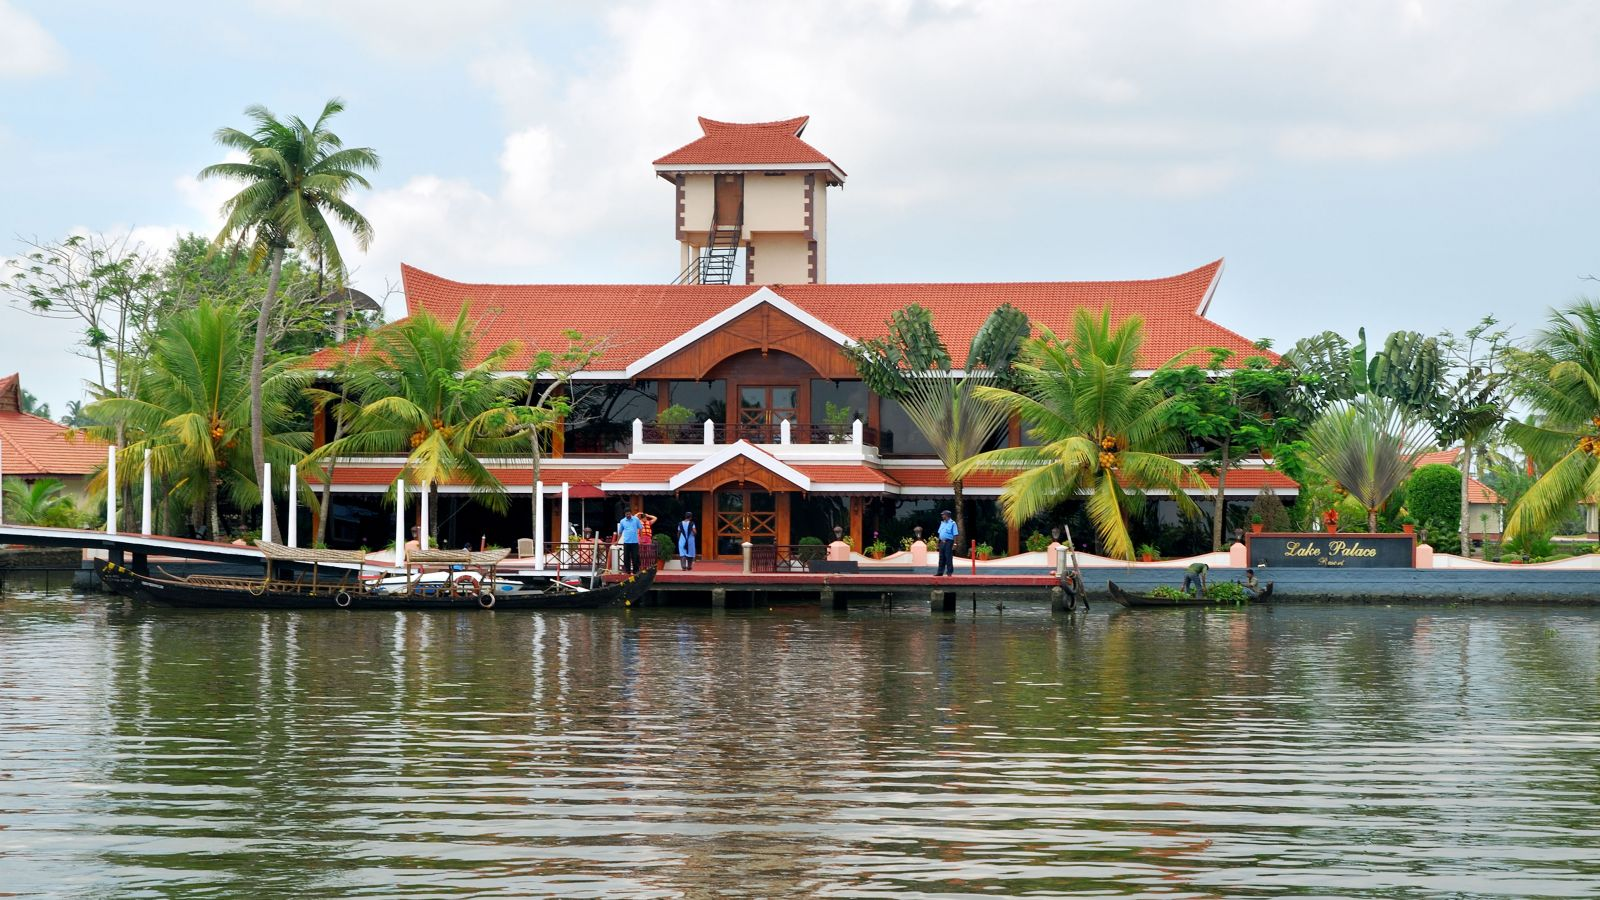 Lake Palace Hotel Kerala